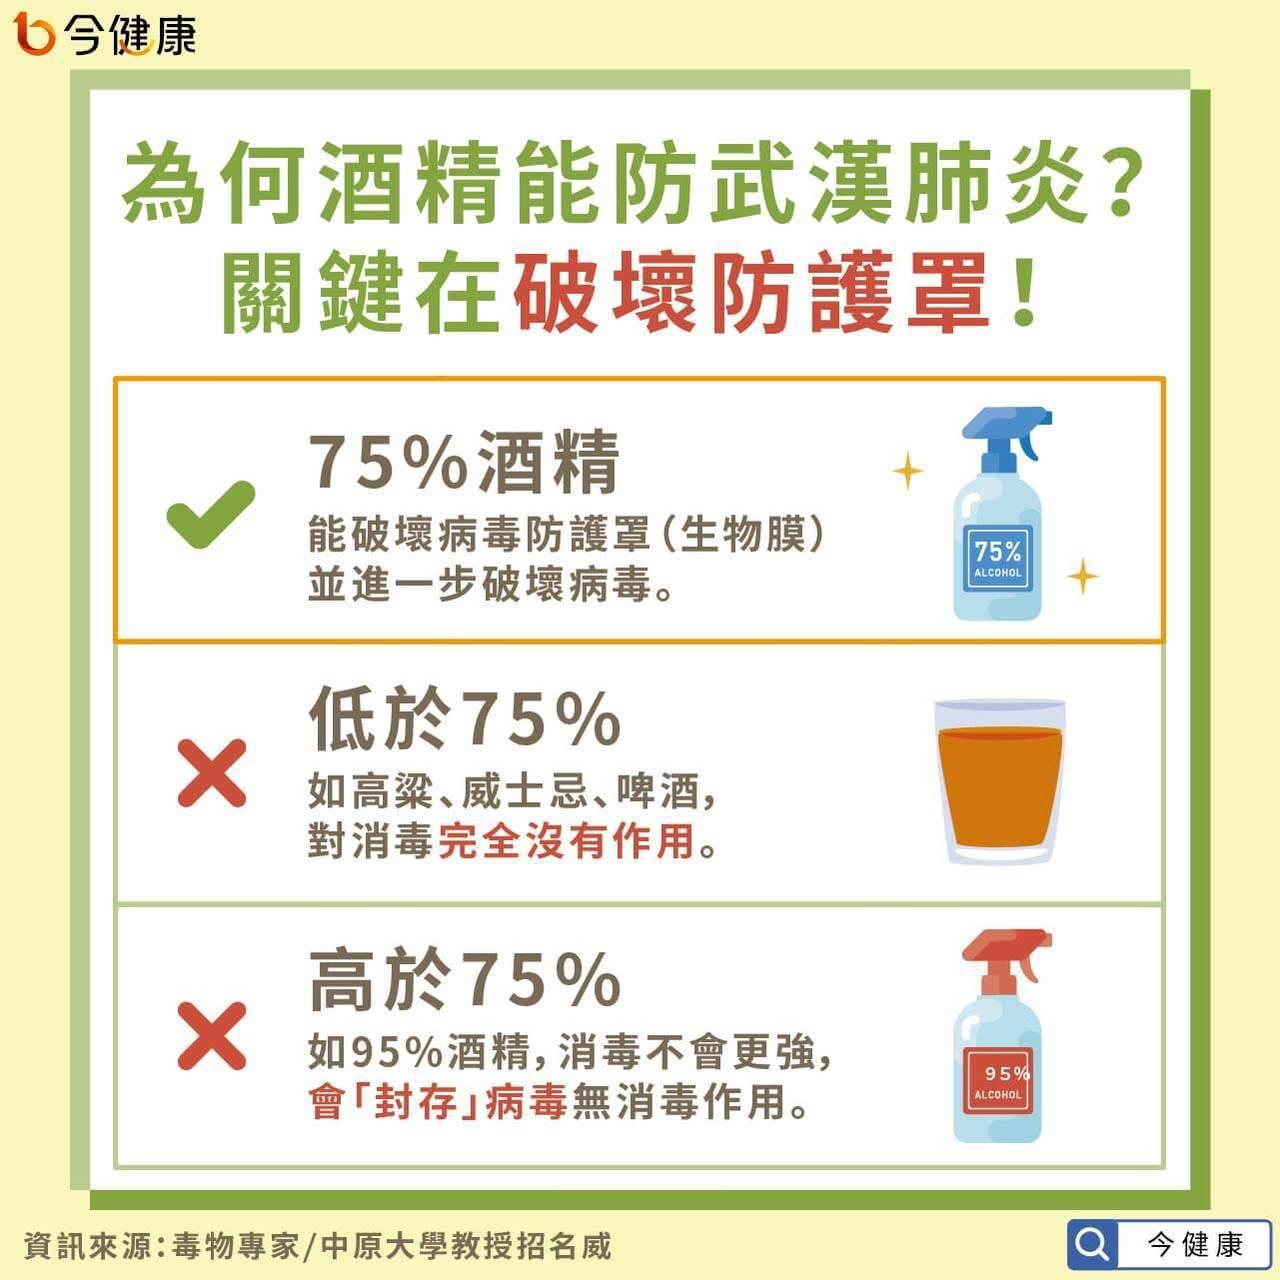 濃度的較高的酒精雖不具有消毒作用,但可透過稀釋的方式降低濃度,使其也具有消毒的功...